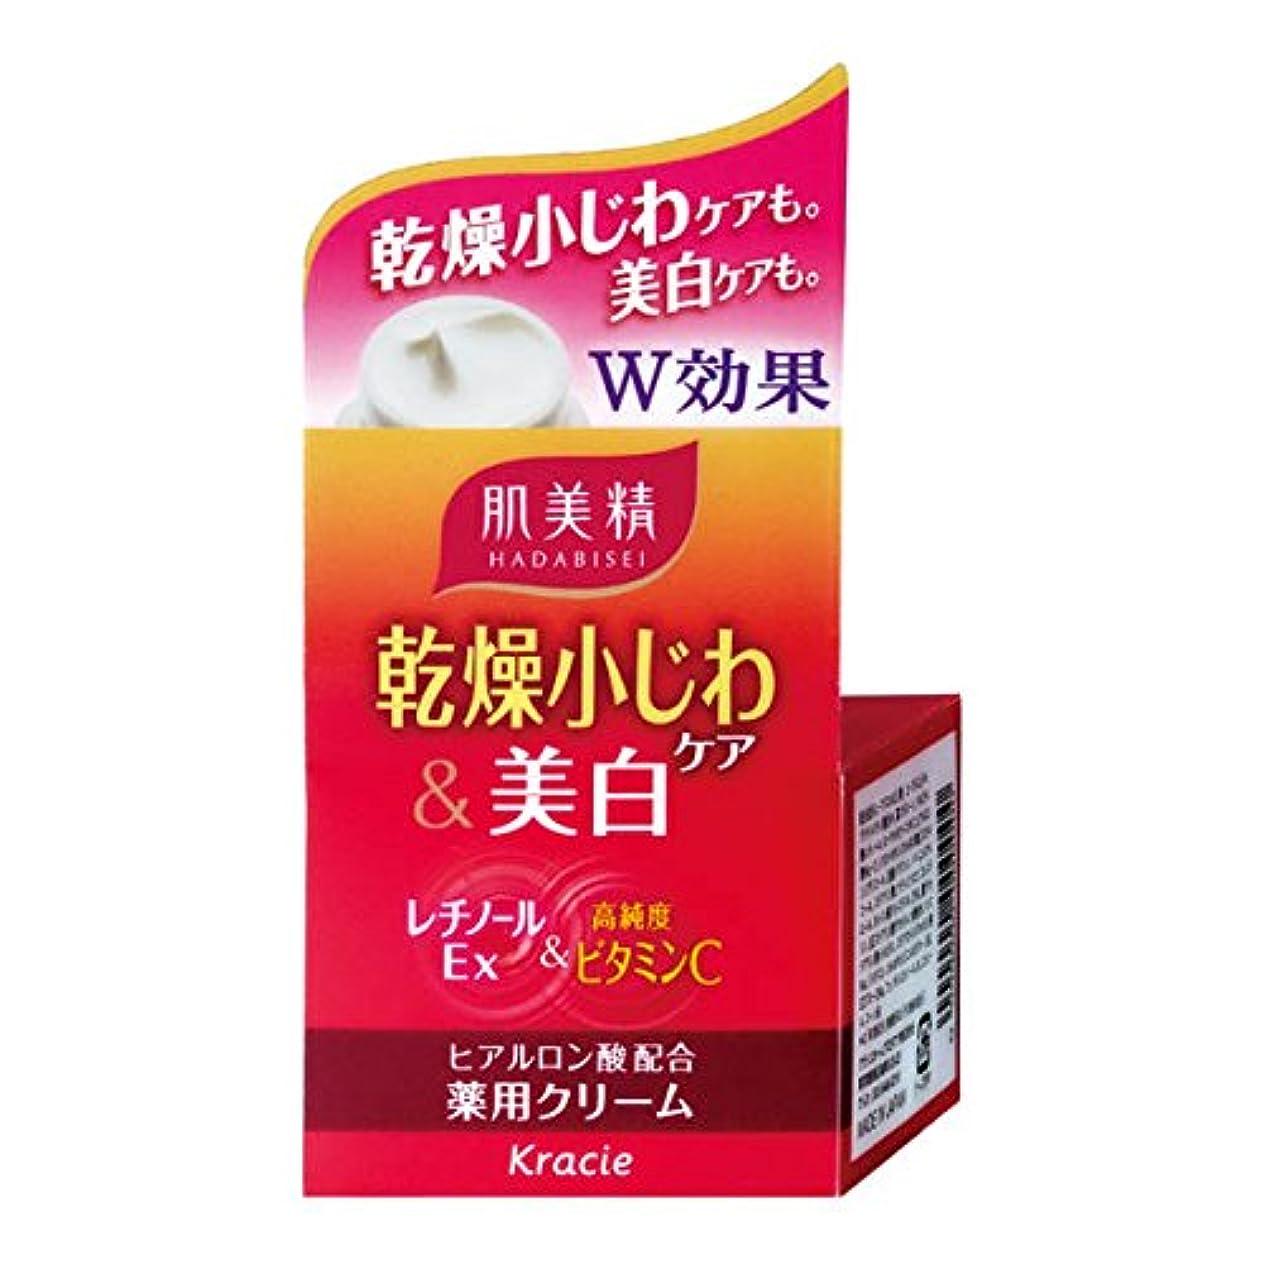 キウイぺディカブテント肌美精 乾燥小じわケア&美白 薬用クリーム 50g 【医薬部外品】